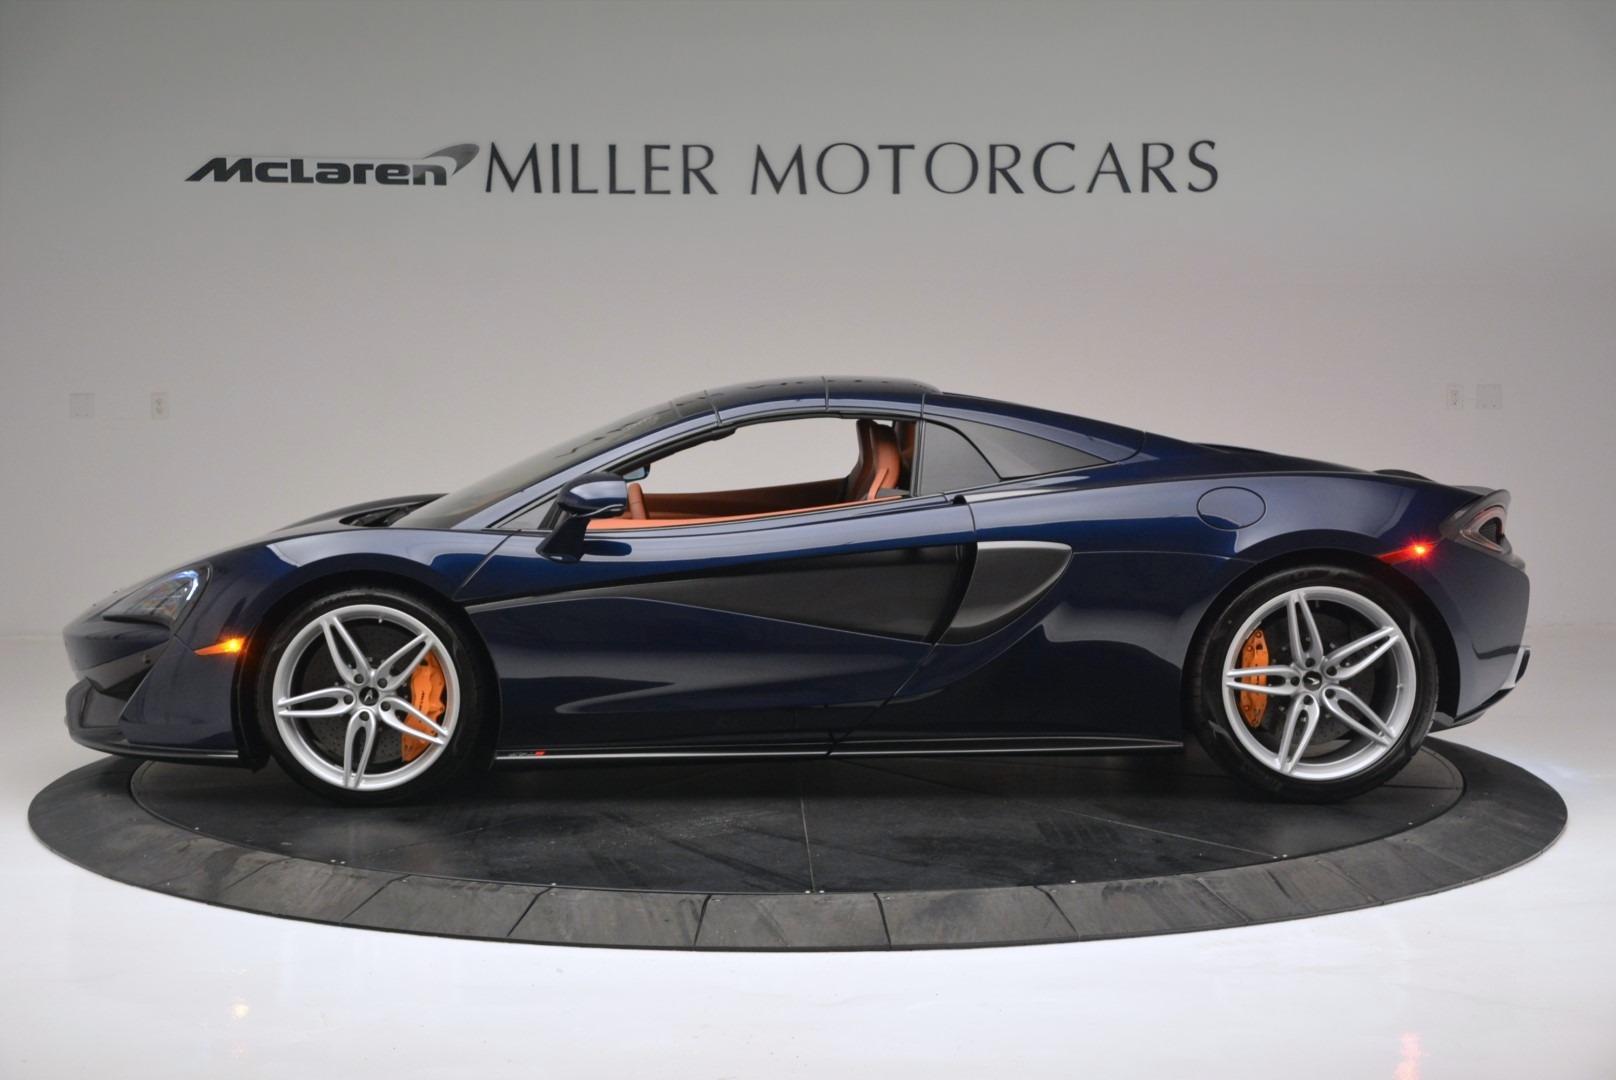 New-2019-McLaren-570S-Spider-Convertible